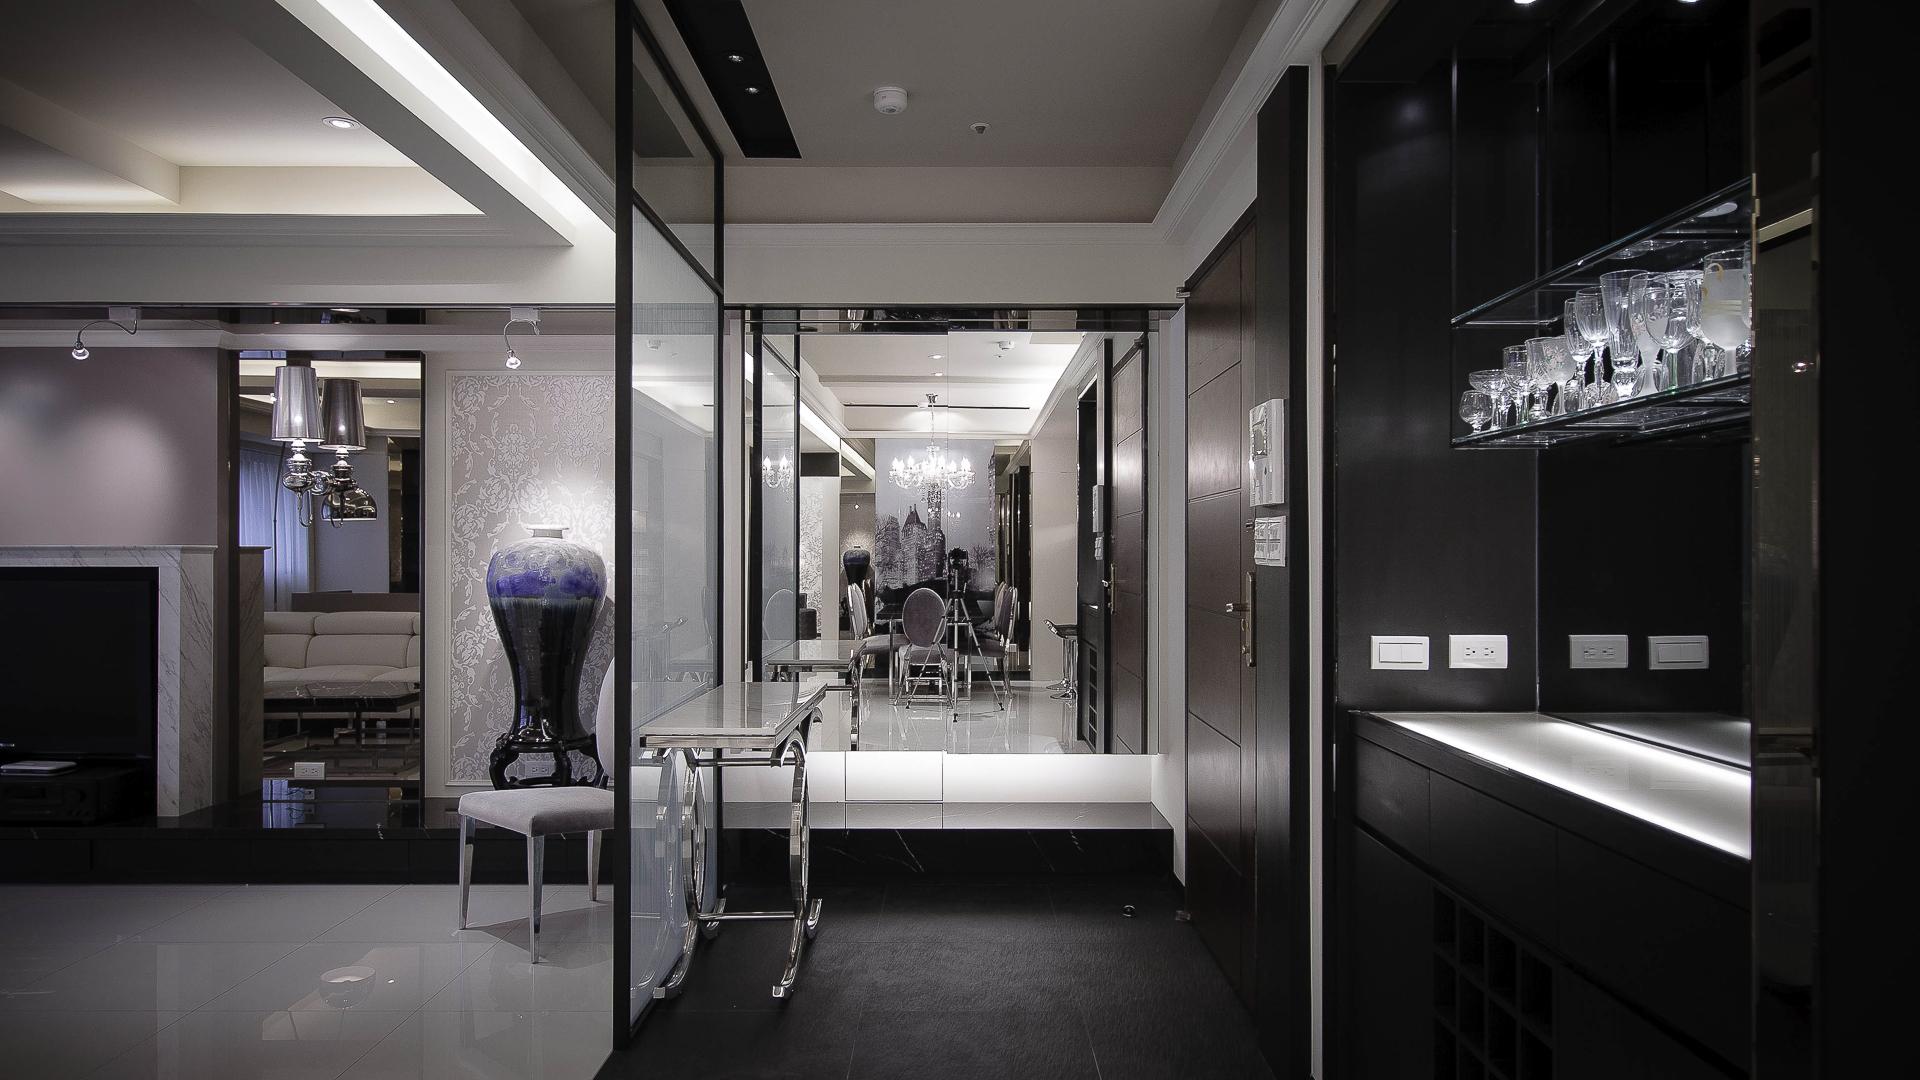 0001_室內設計師推薦風格都會奢華風Lux style-2